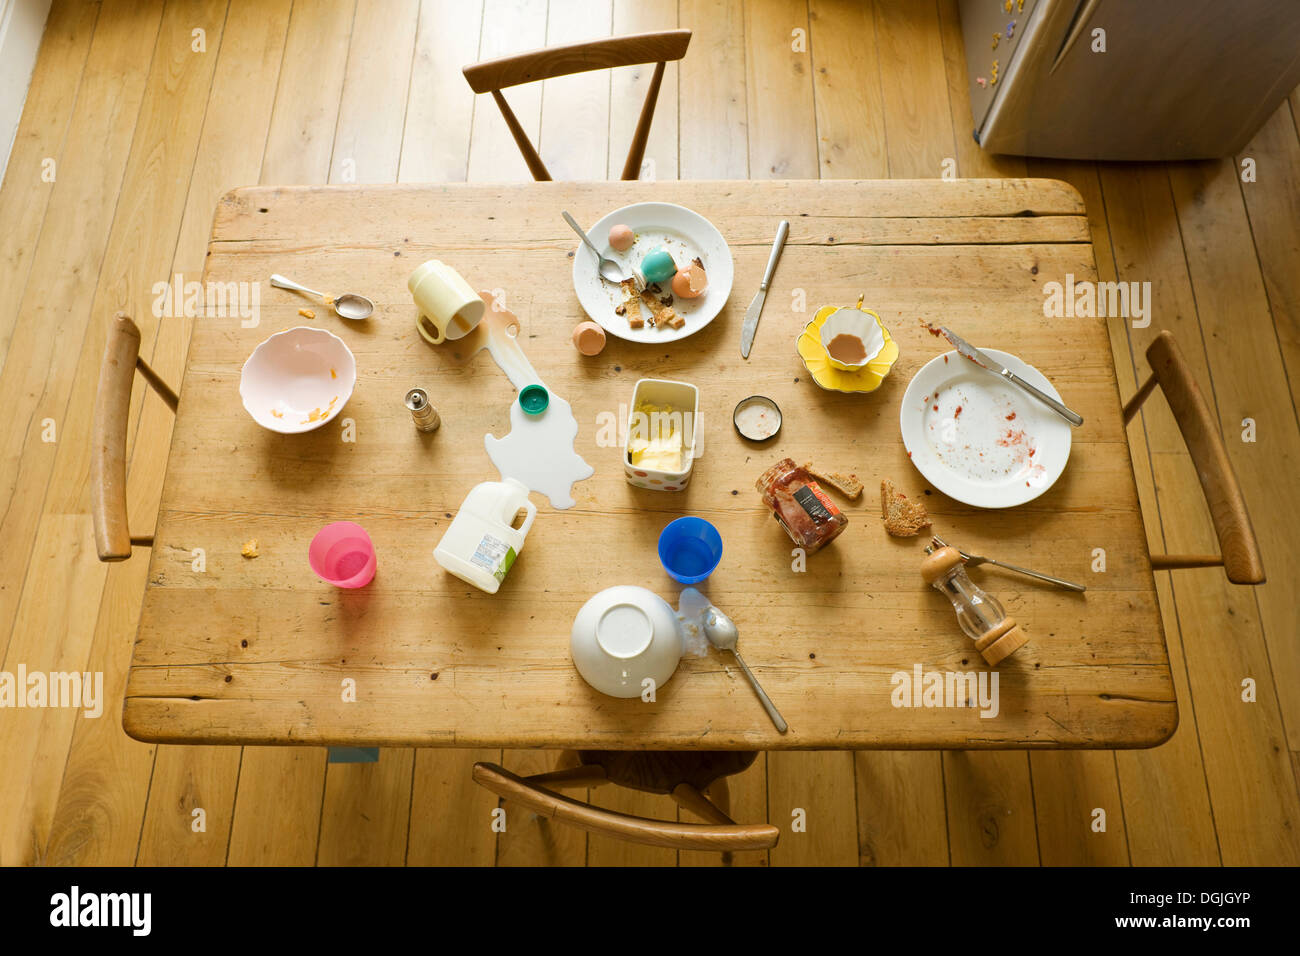 Draufsicht der Frühstückstisch mit gegessen Nahrung und chaotisch Platten Stockfoto